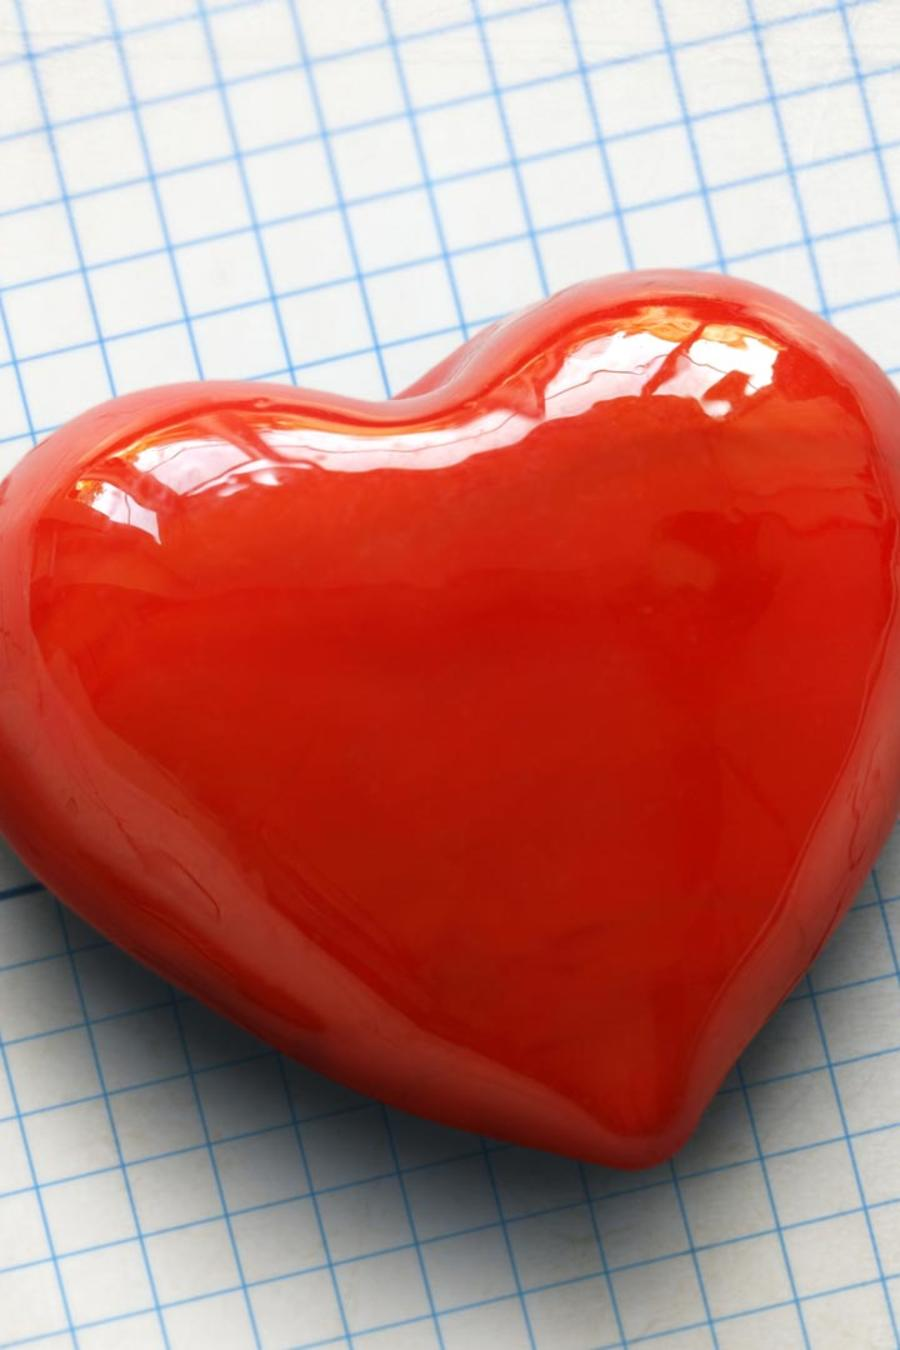 Corazón sobre electrocardiograma